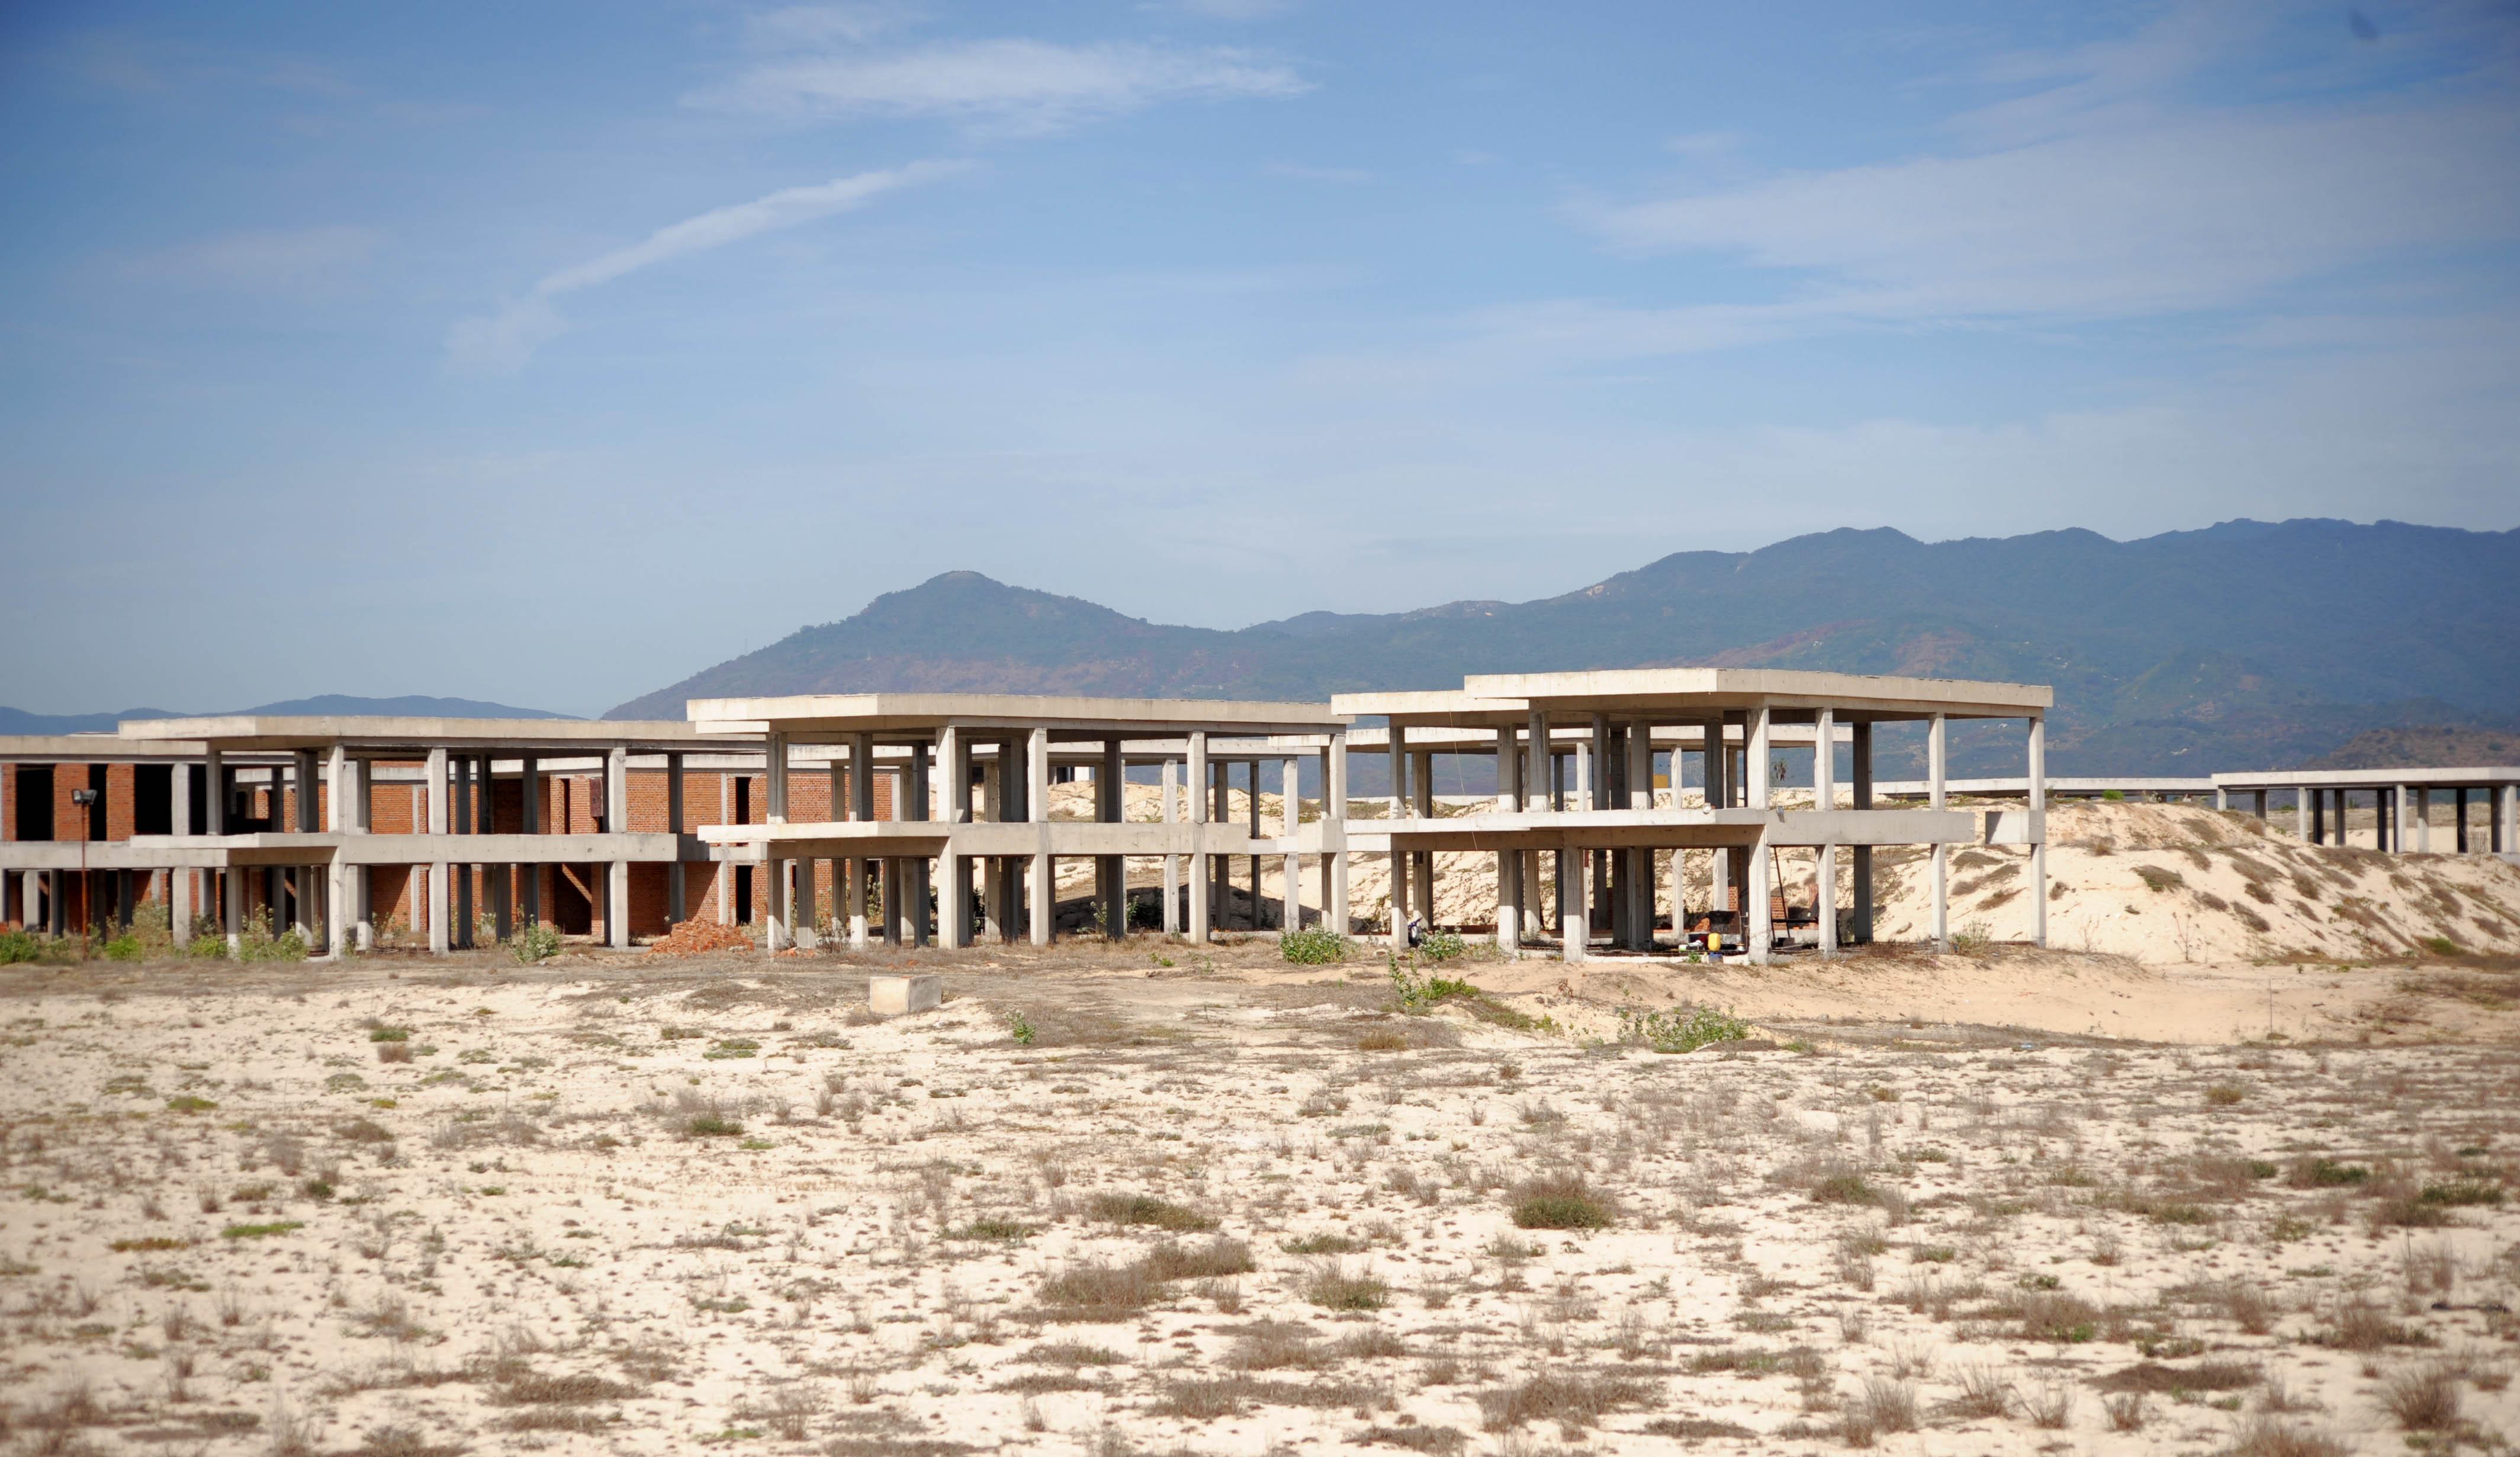 Siêu dự án của TNG Holding 'sa lầy' tại Bãi Dài – Khánh Hòa - Ảnh 4.